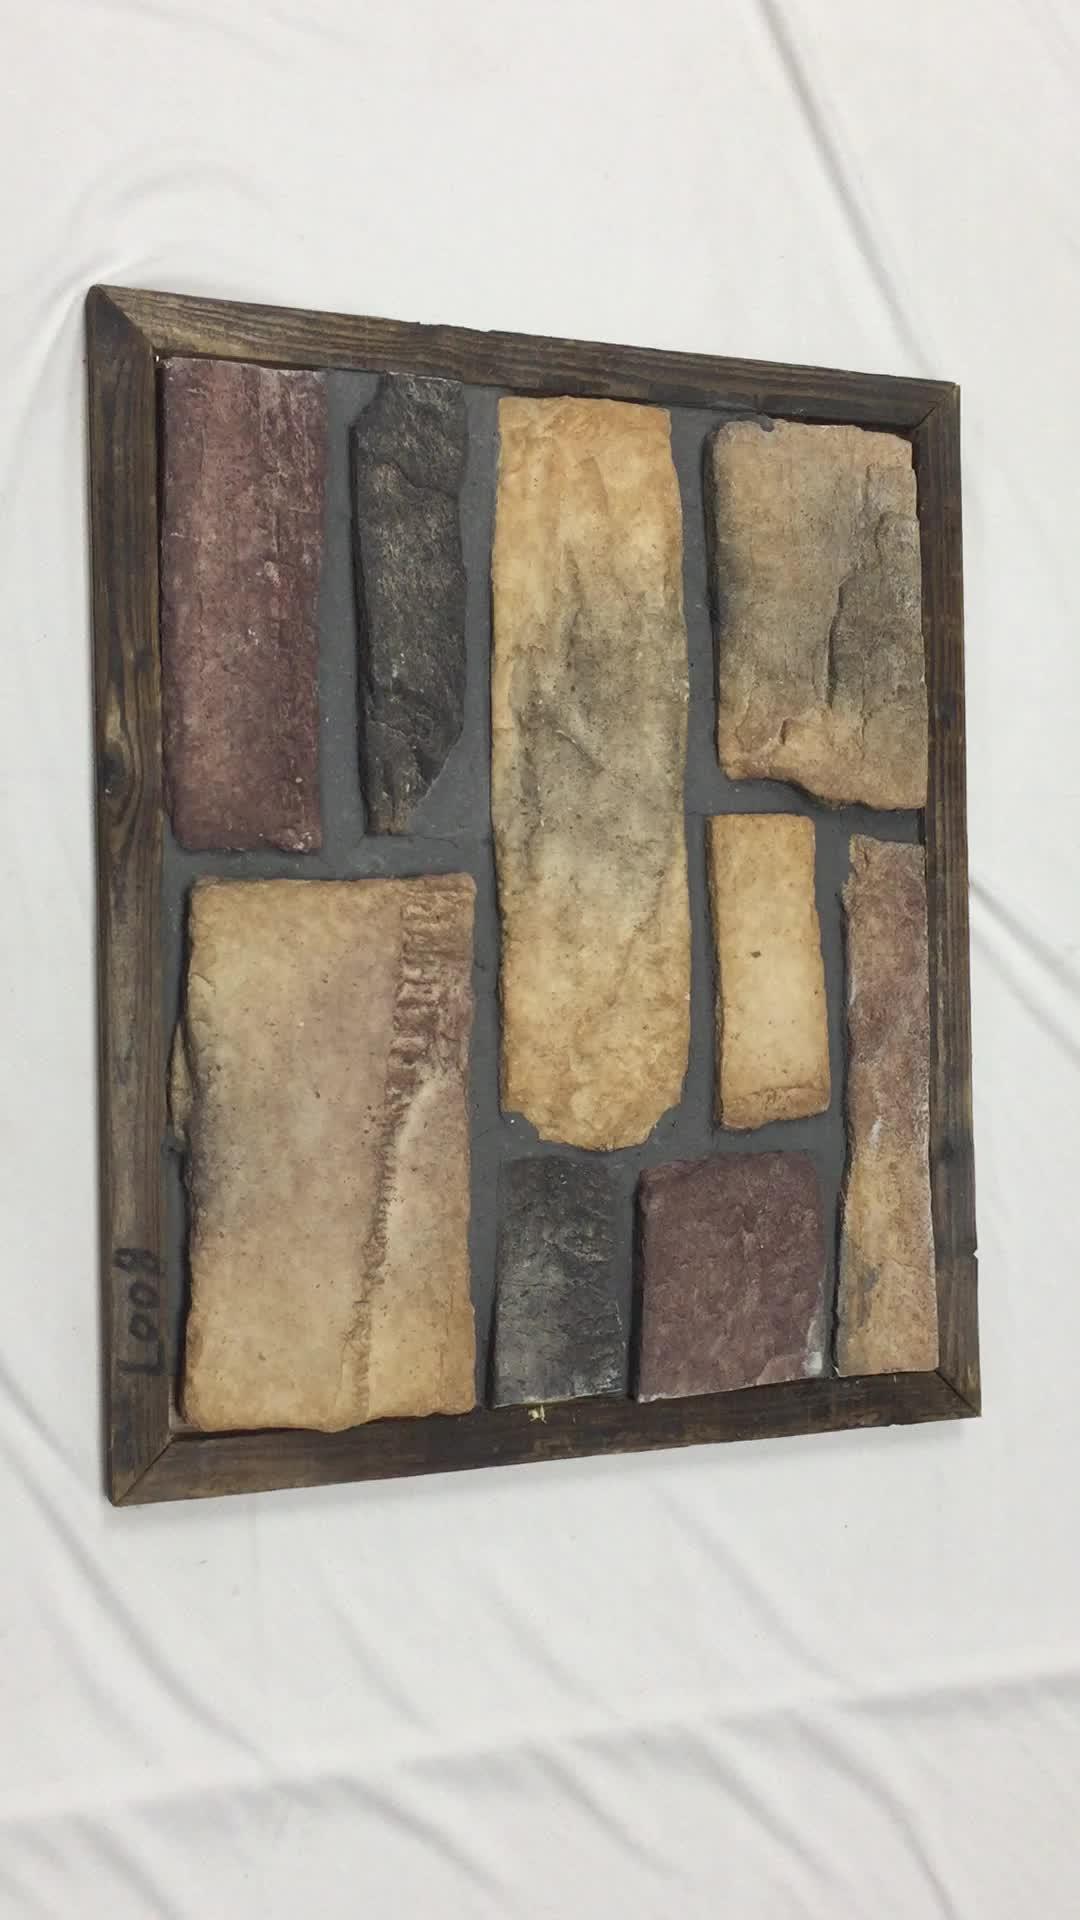 Nuovo modello prodotto cultura pietra roccia muro di mattoni tipo per la decorazione faux pietra per la parete